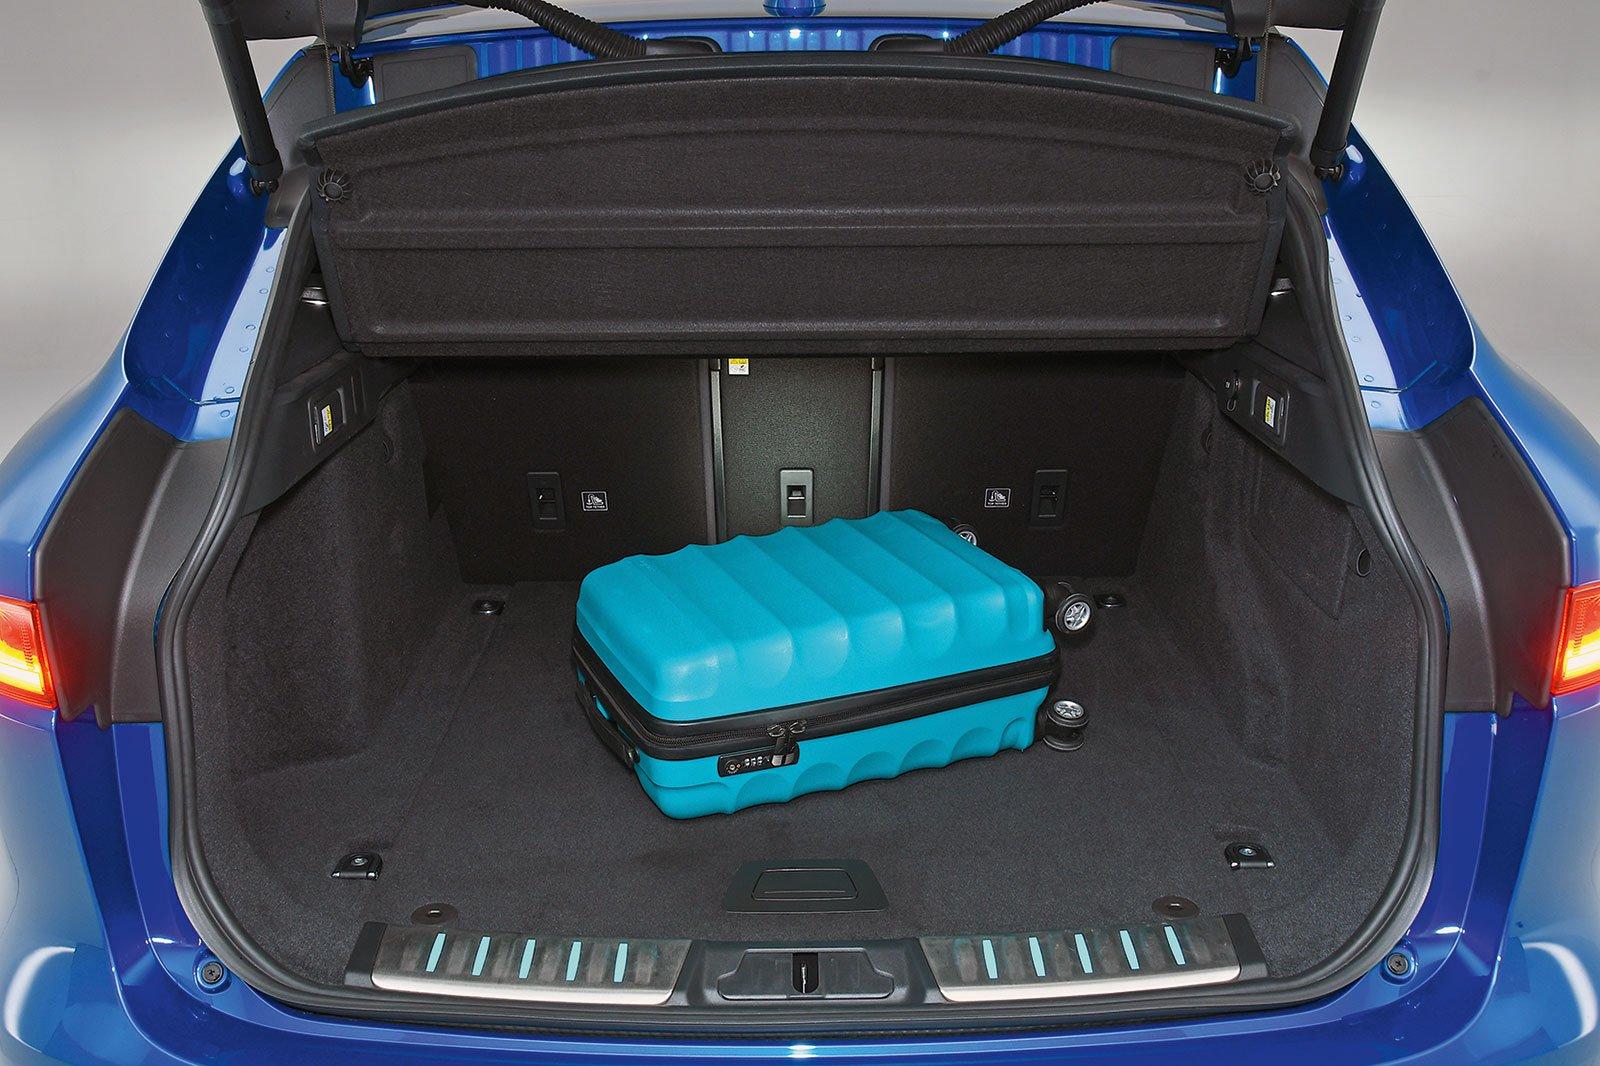 Jaguar F-Pace boot